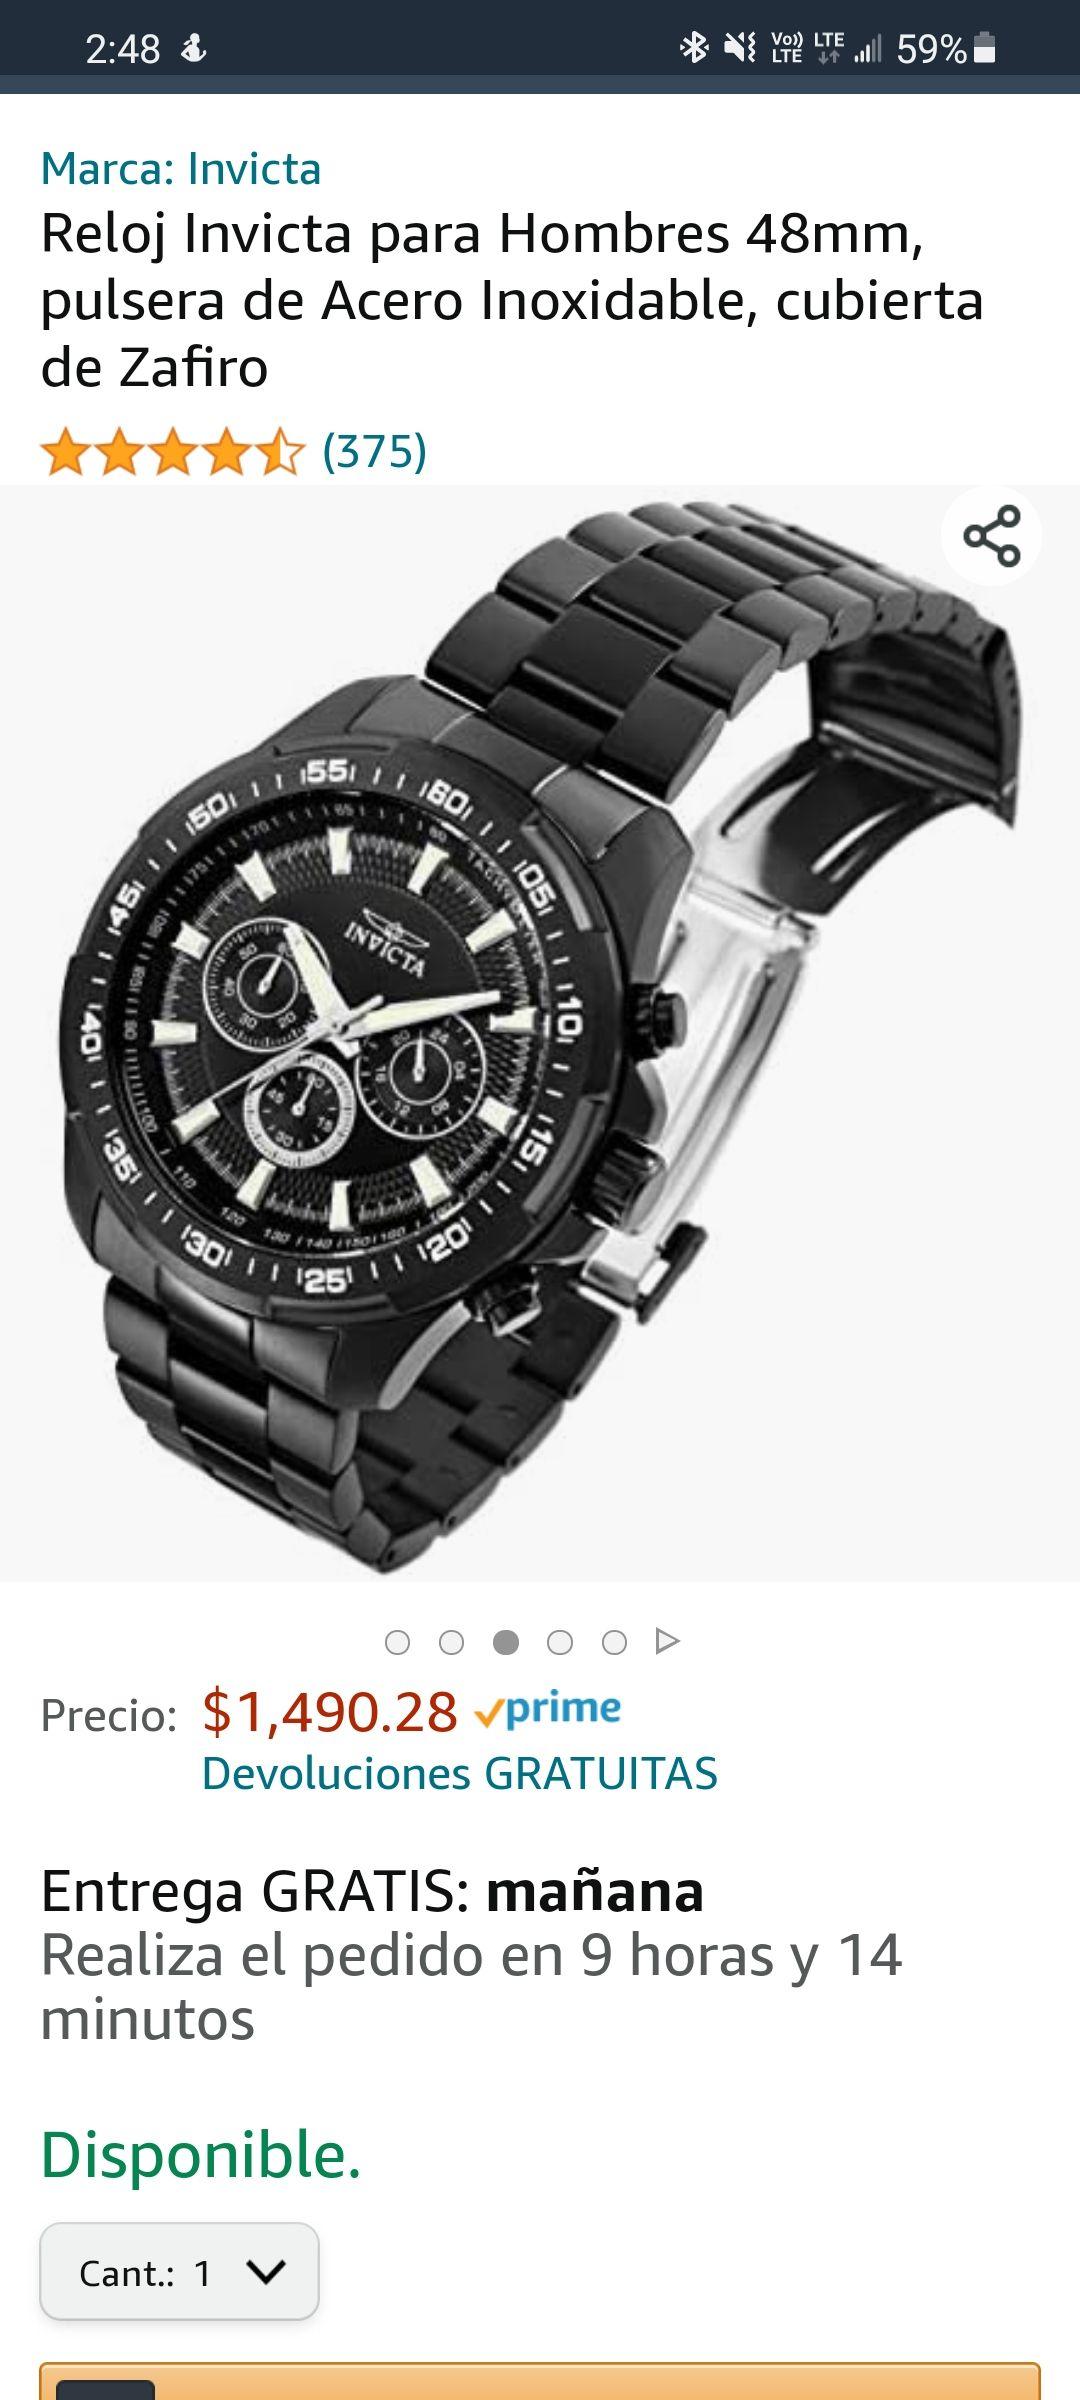 Amazon: Reloj Invicta para Hombres 48mm, pulsera de Acero Inoxidable, cubierta de Zafiro